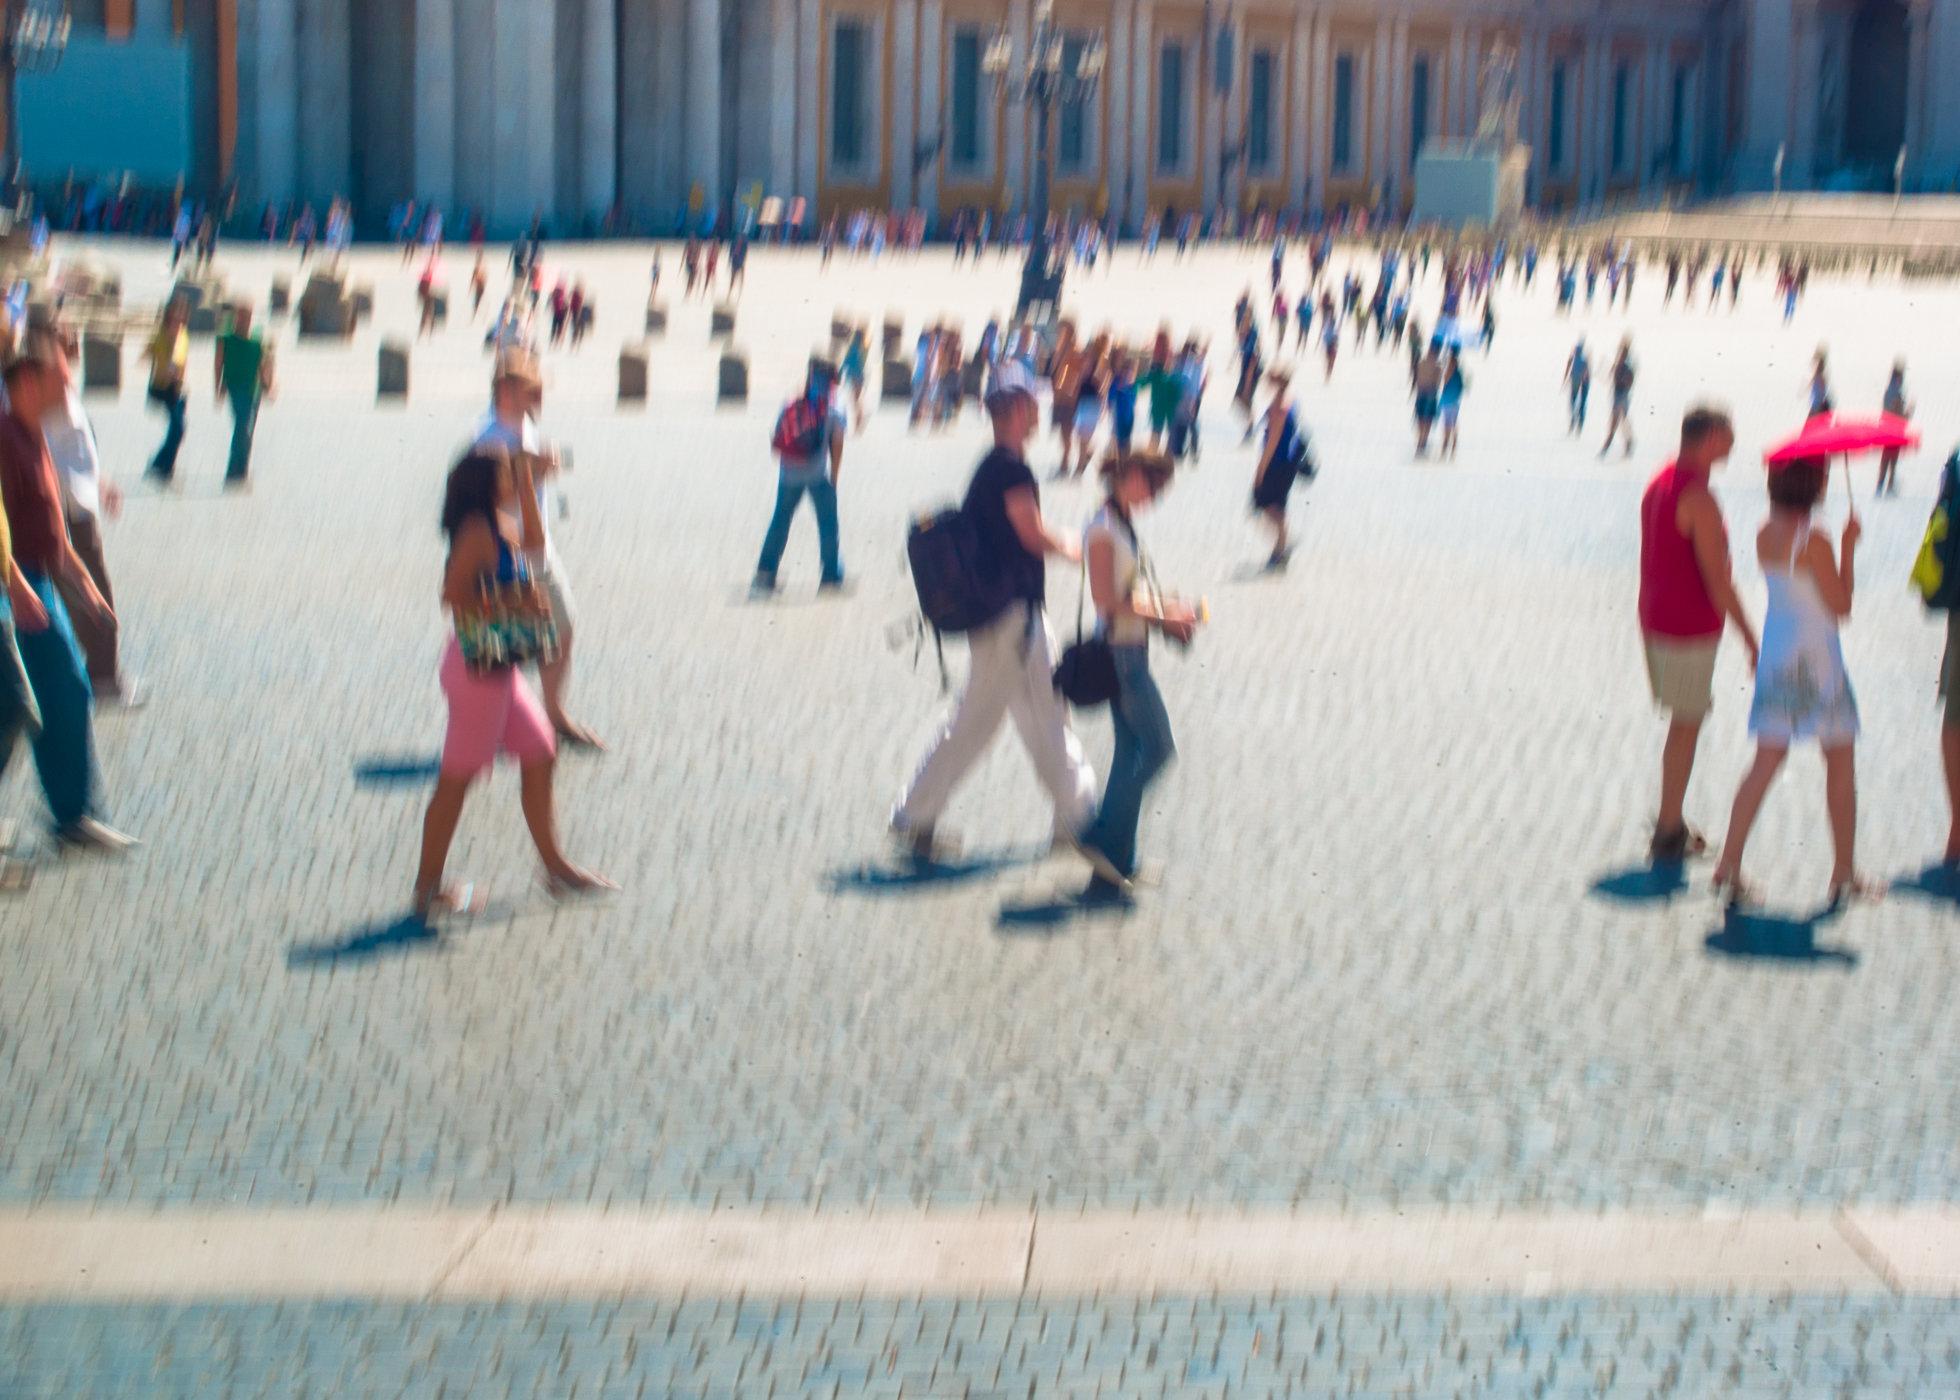 Rome-1000194.jpg